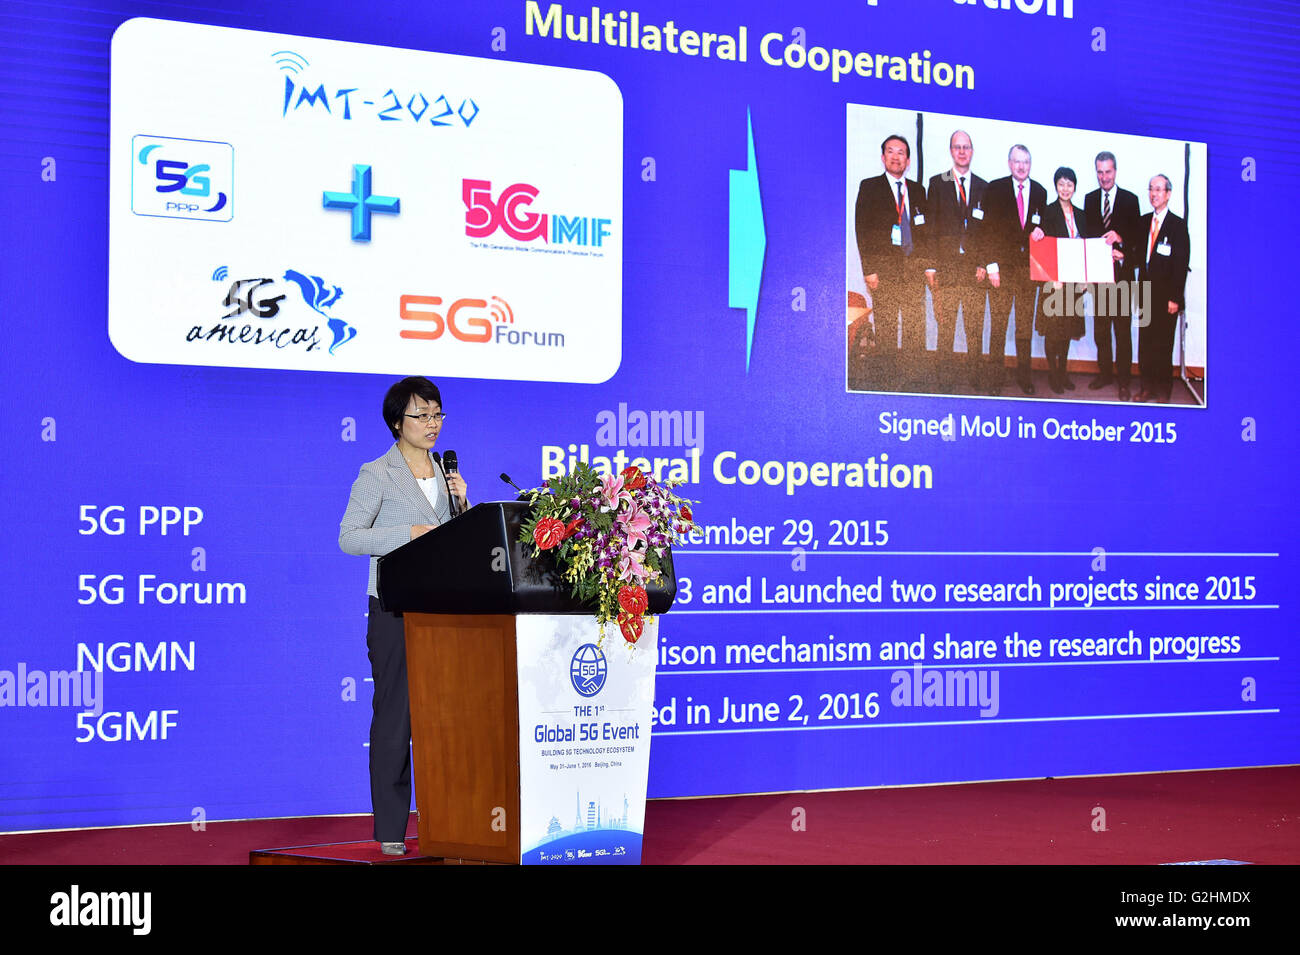 Beijing, China  31st May, 2016  Cao Shumin, head of IMT-2020 (5G